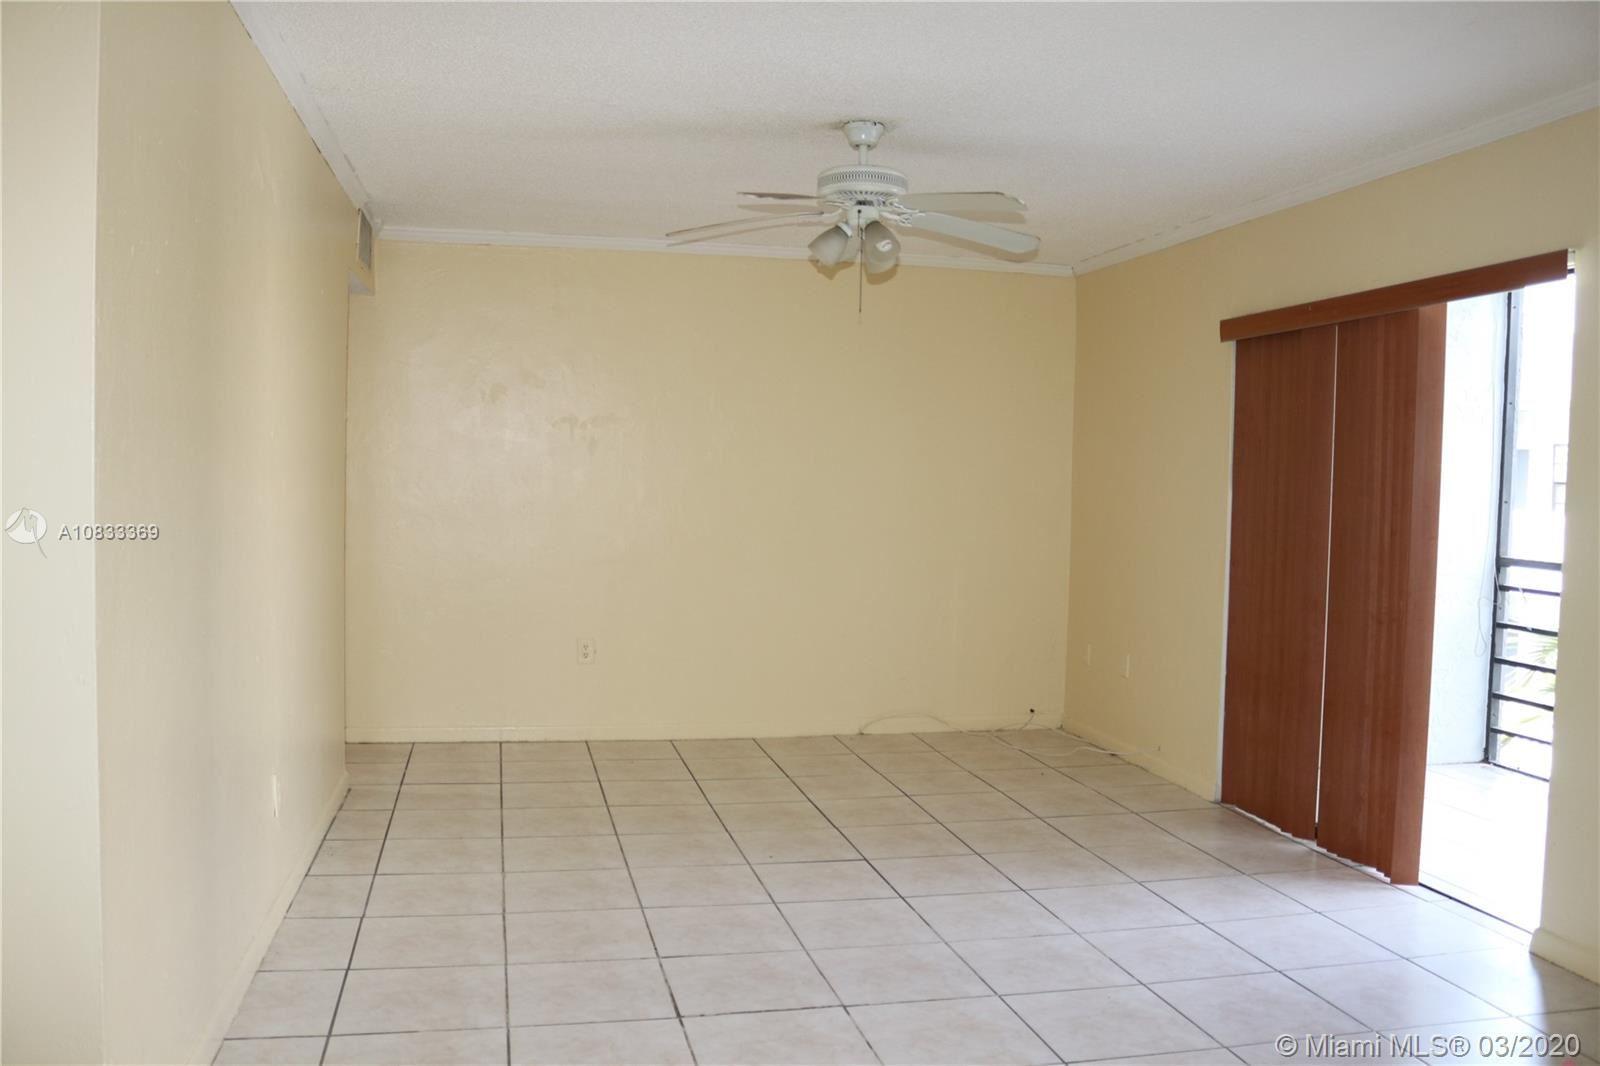 13500 NE 3rd Ct #426, North Miami, FL 33161 - #: A10833369